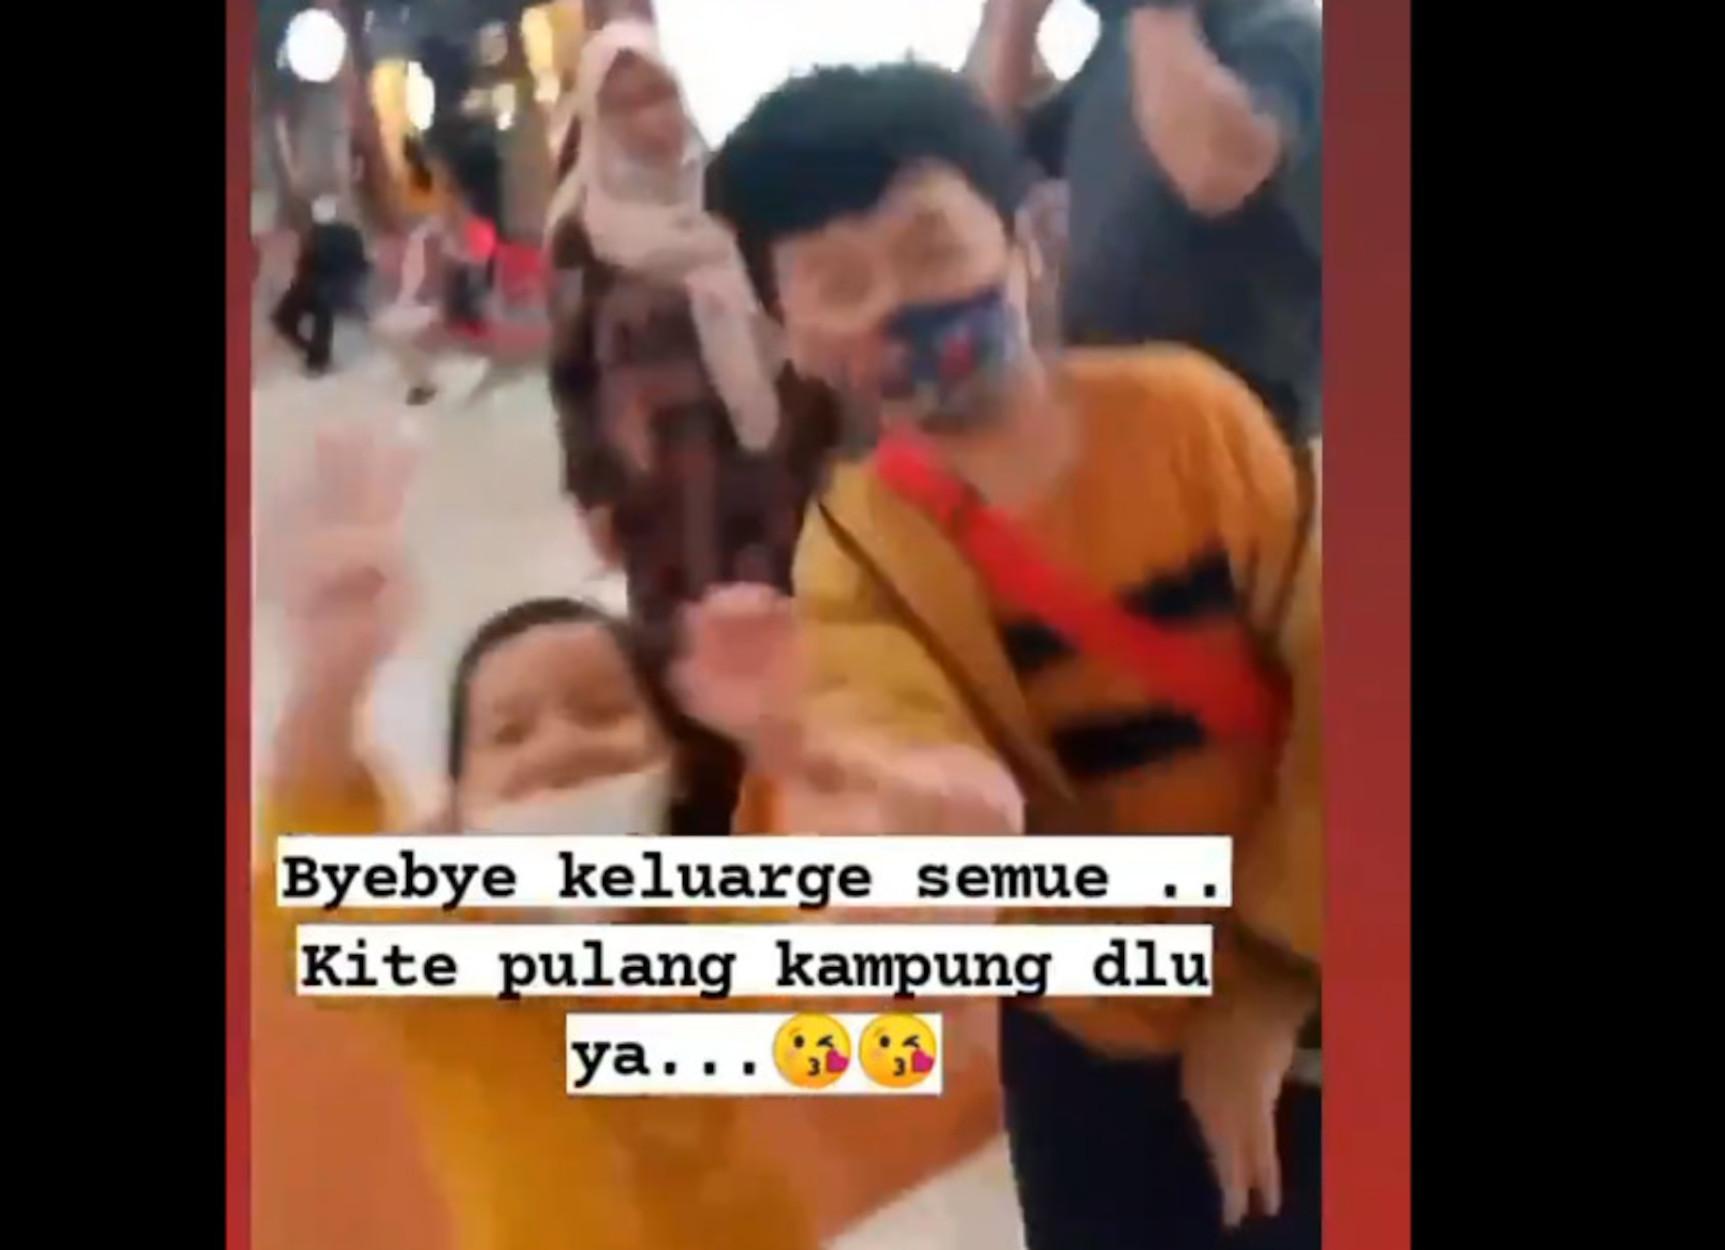 Ινδονησία: Στιγμές χαράς και μετά… χάθηκε για πάντα – Το βίντεο επιβάτη λίγο πριν μπει στο μοιραίο αεροπλάνο